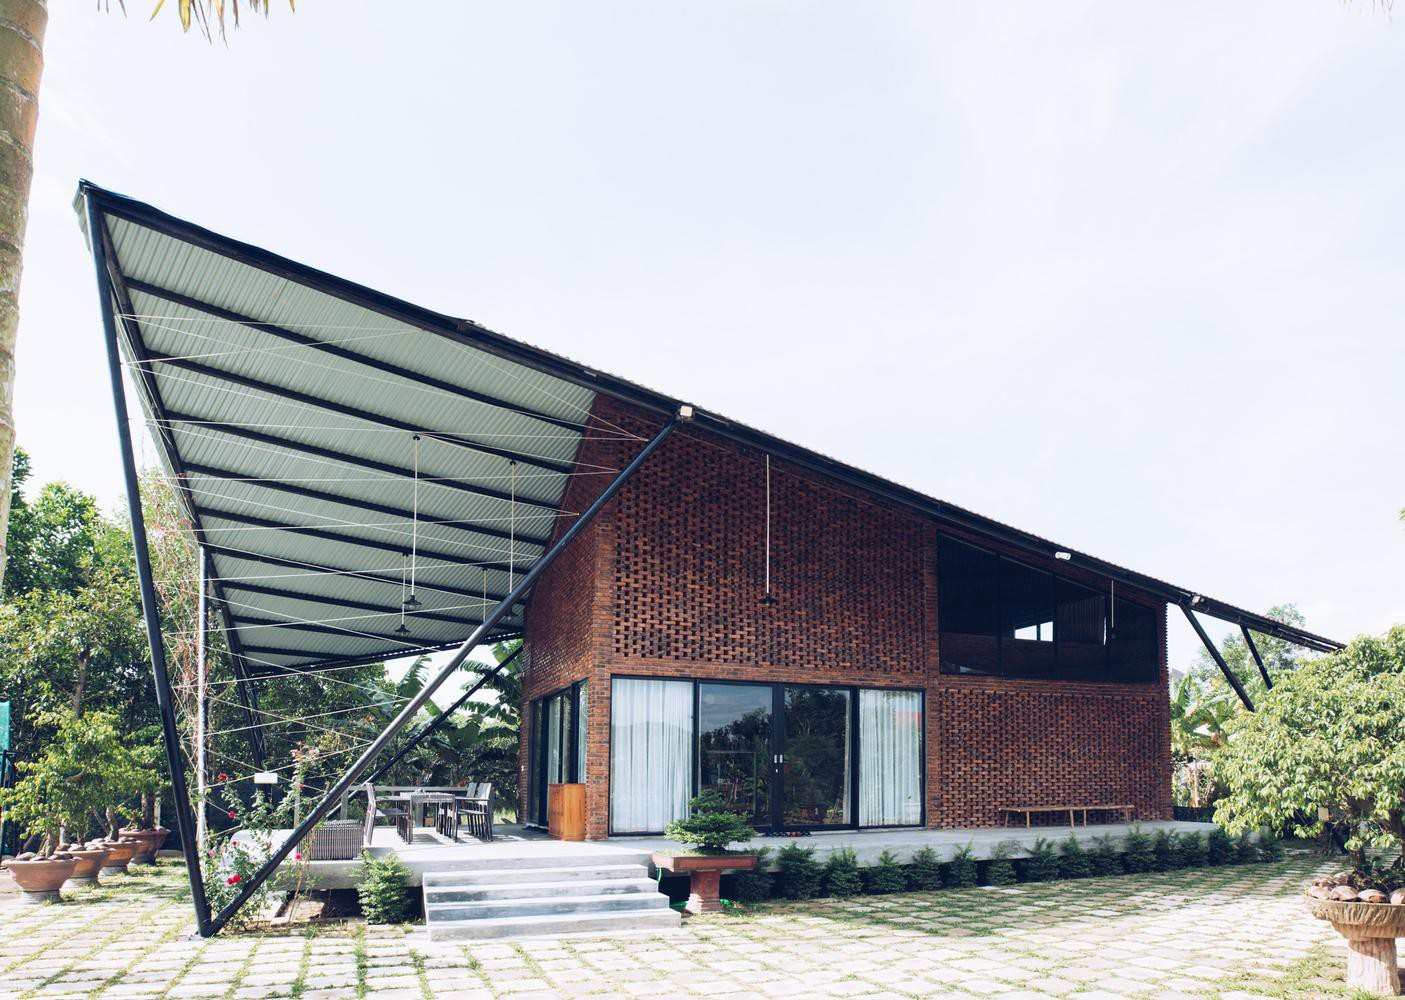 Nhà cấp 4 gác lửng mái cánh diều gợi kí ức tuổi thơ và tránh gió bão của vợ chồng Đà Nẵng